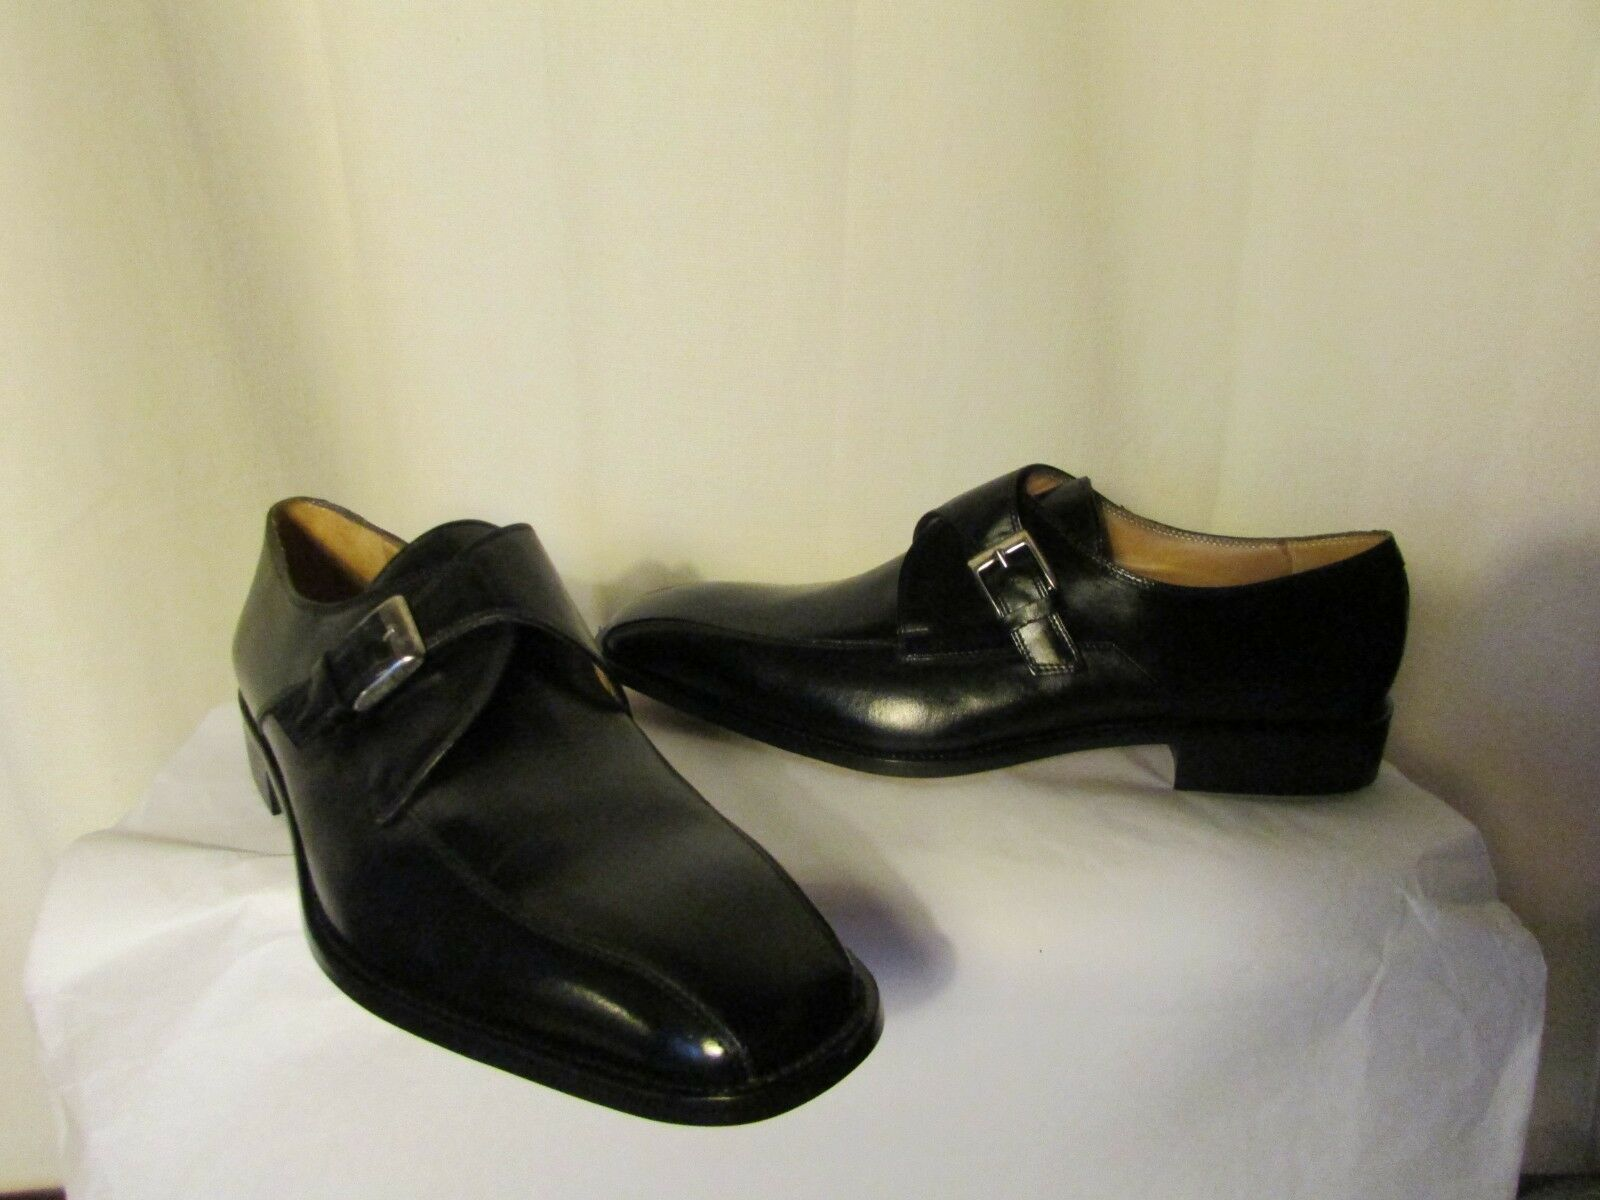 essere molto richiesto Scarpe windport windport windport scarpe pelle nera numero 47  presa di fabbrica